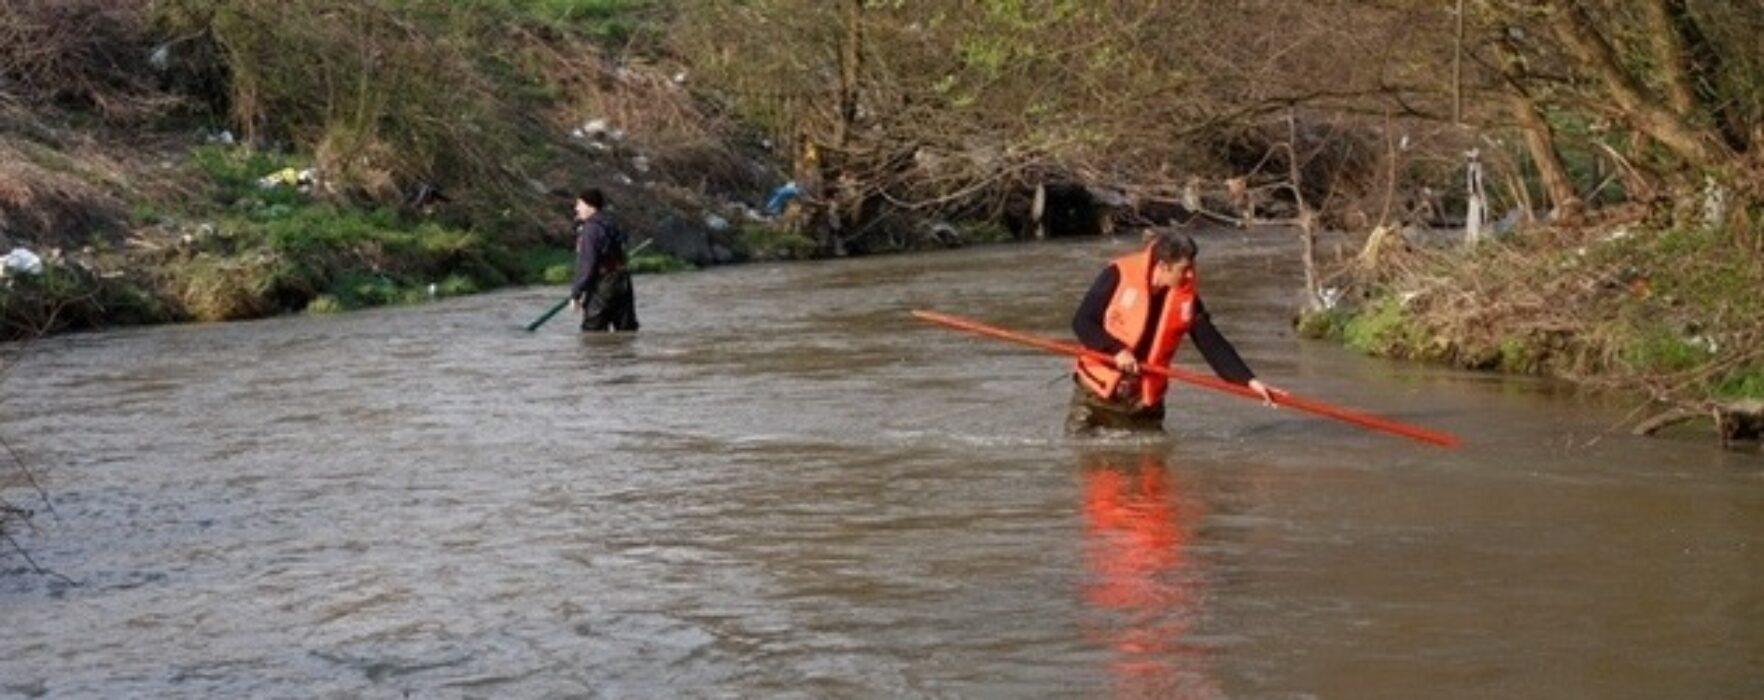 Dâmboviţa: Un copil şi unchiul său, găsiţi înecaţi în Argeş